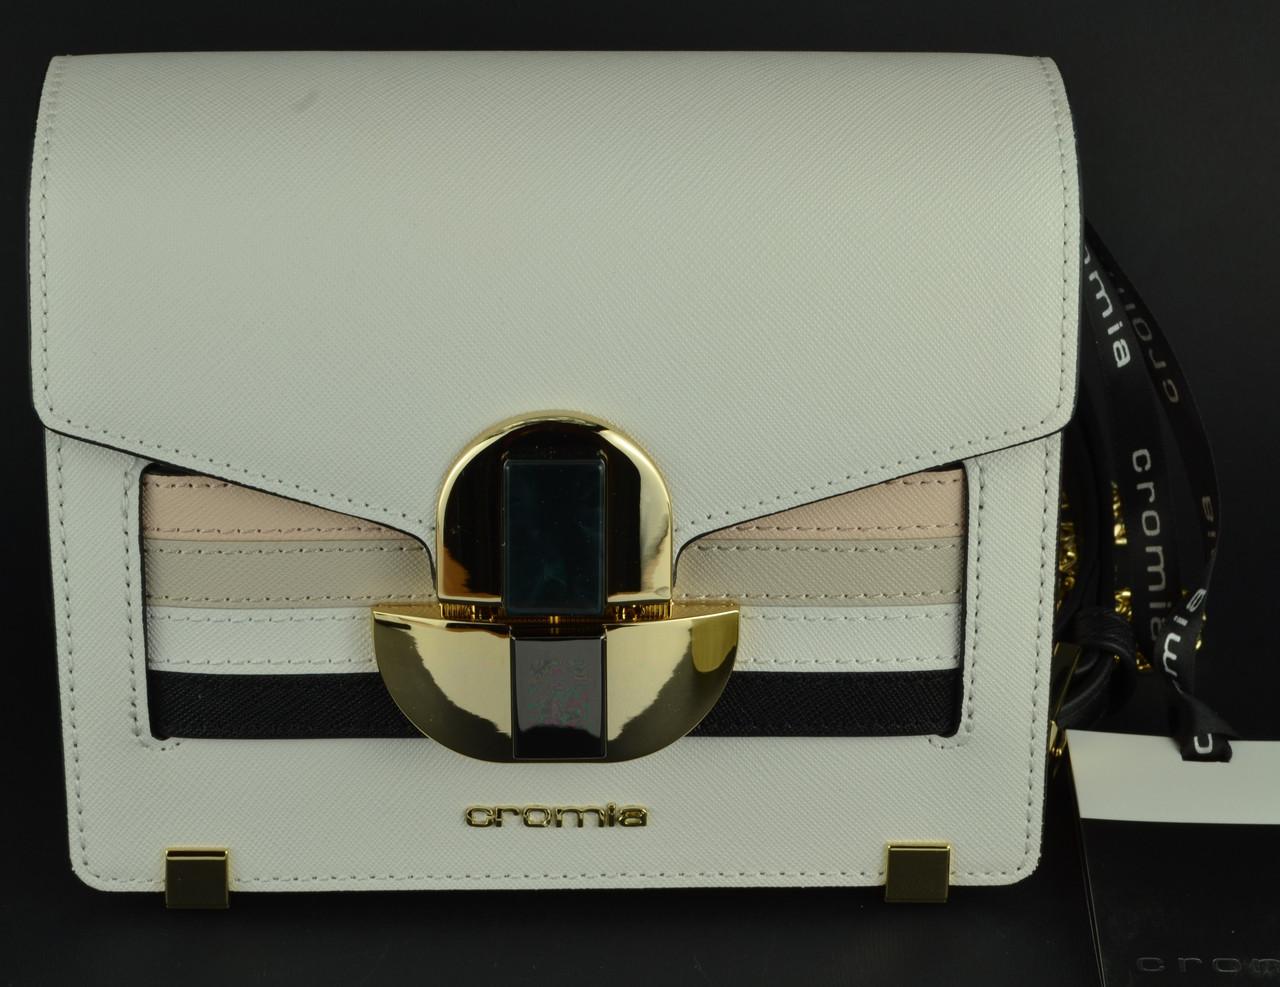 3425d2d65c58 Сумка Cromia (Кромия) 1403703, цена 4 375 грн., купить в Киеве ...